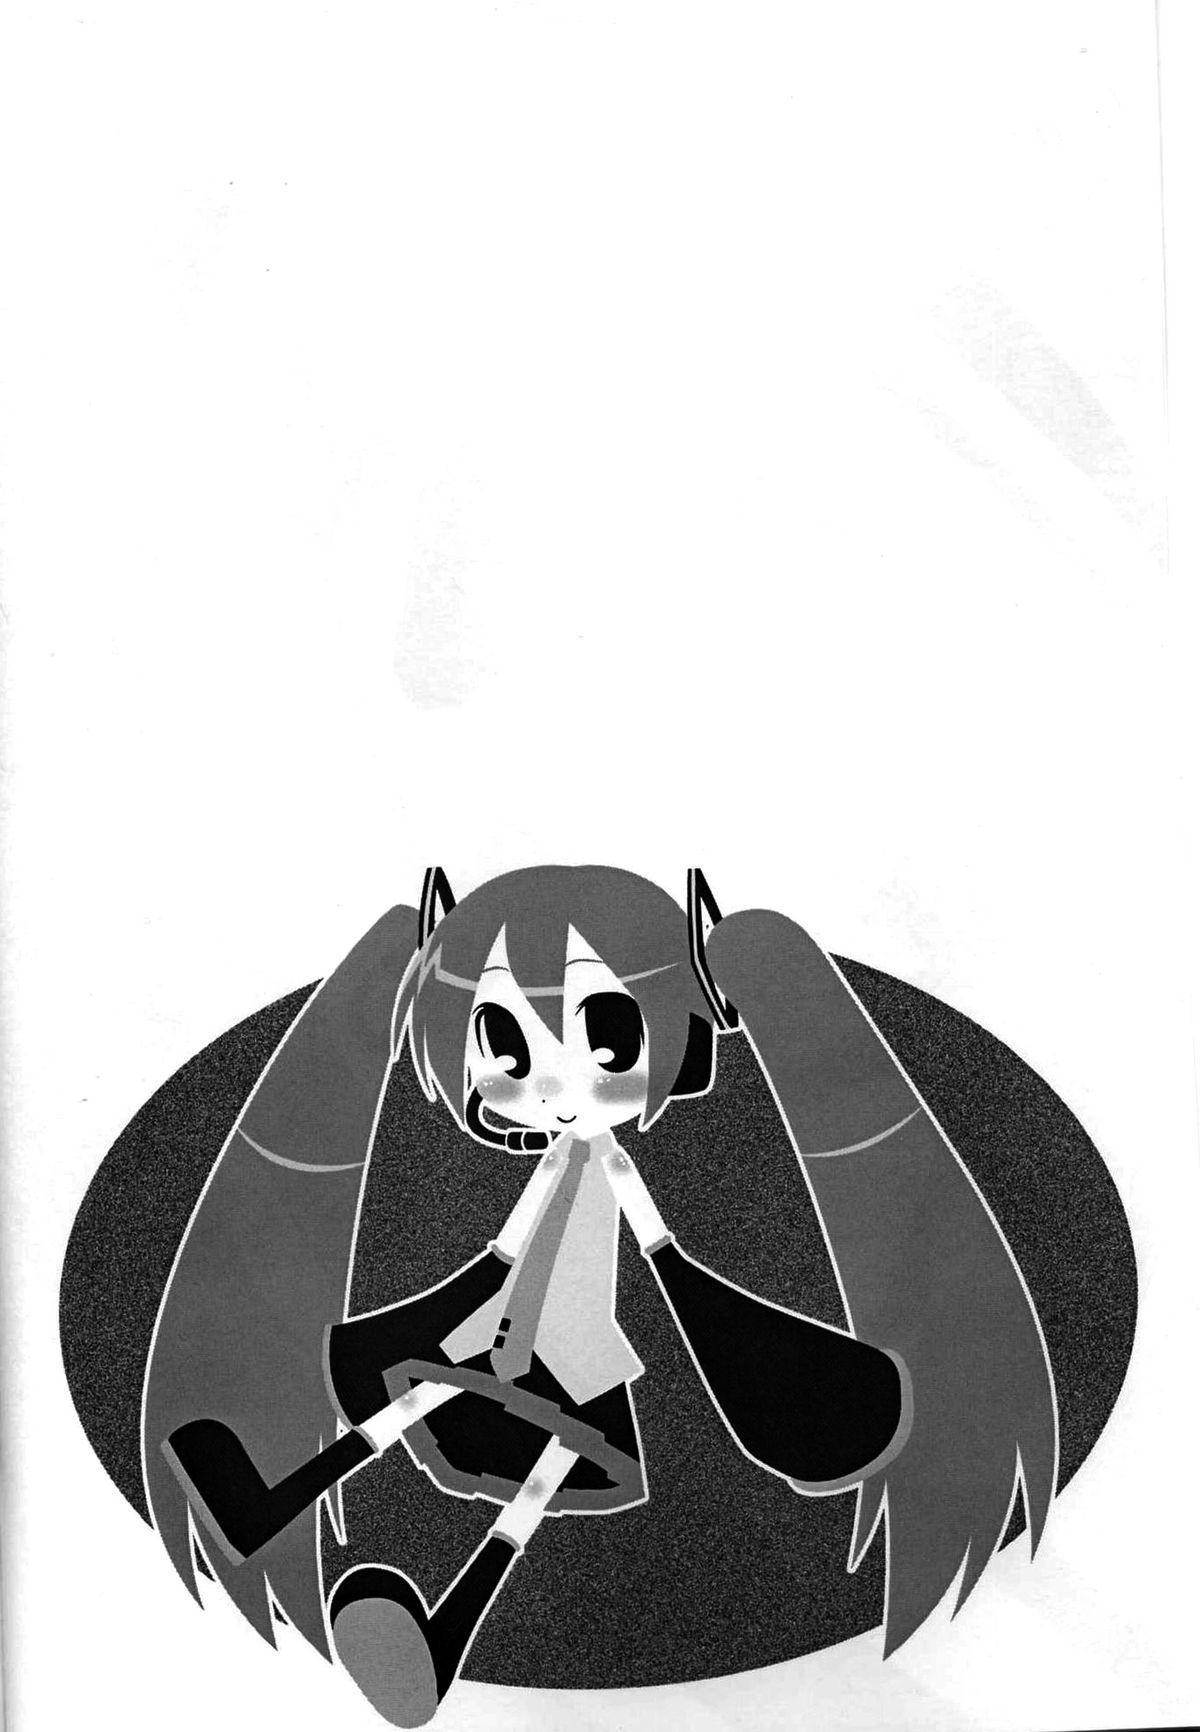 Mikkumiku no Anone 2